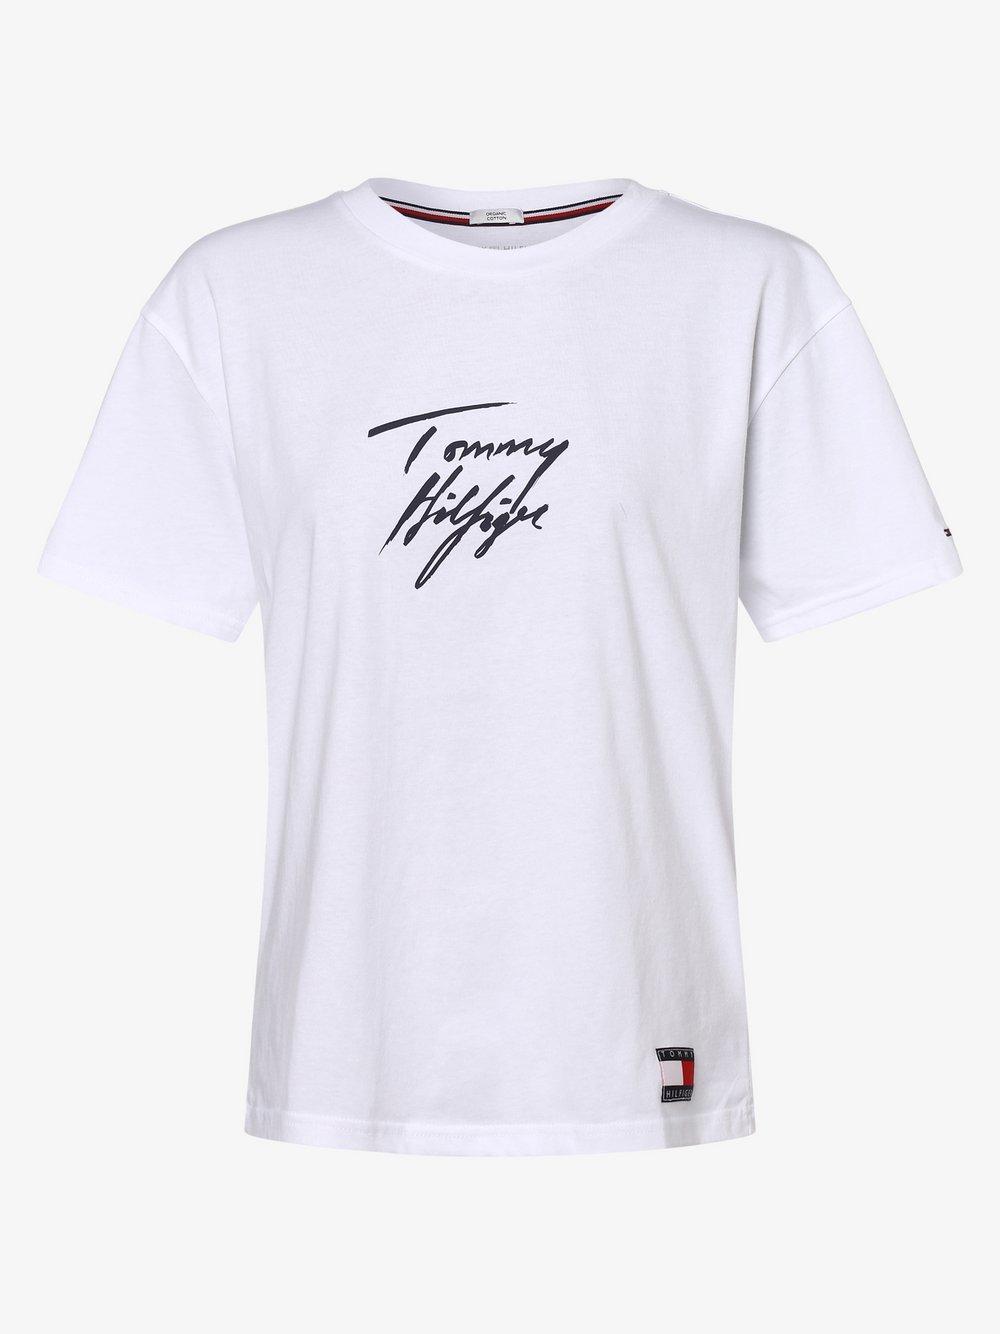 Tommy Hilfiger - Damska koszulka od piżamy, biały